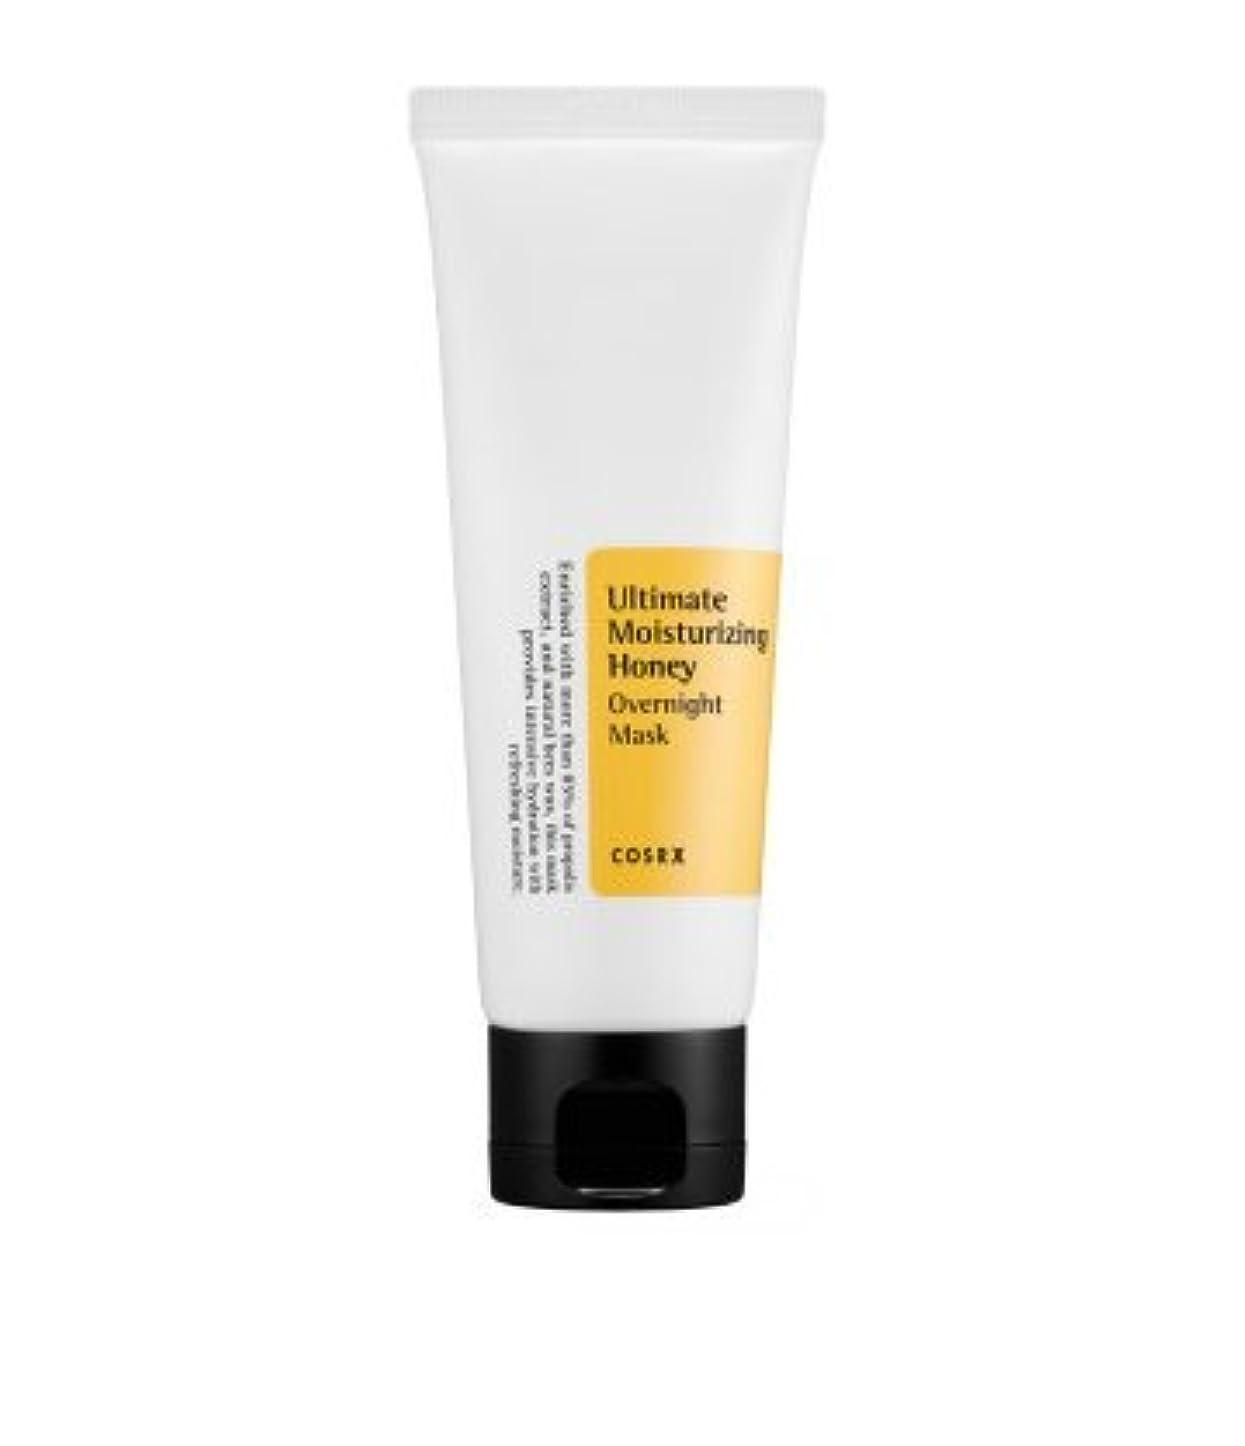 それからタンカー努力COSRX アルティメット モイスチャライジング ハニー オーバーナイト マスク チューブタイプ(60ml) リニューアル / Ultimate Moisturizing Honey Overnight Mask [並行輸入品]